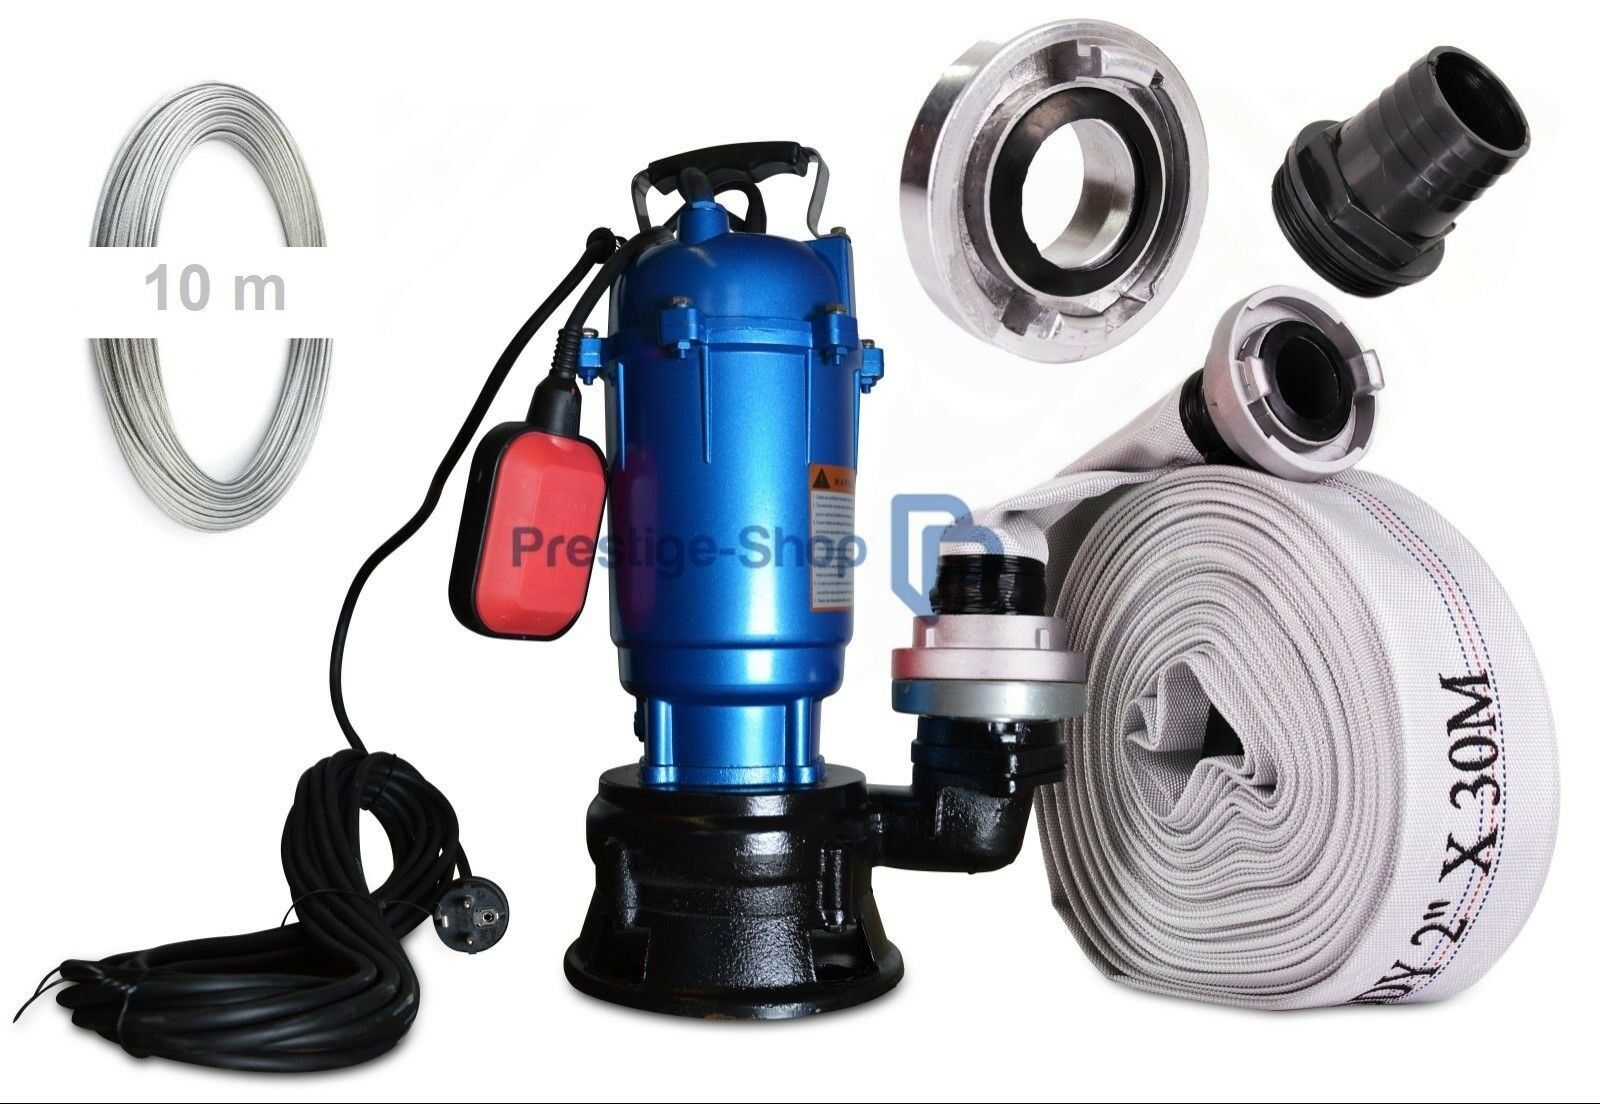 ➠ POMPA SOMMERSA 550 Watt ➠ acqua sporca pompa ➠ feci POMPA ➠ GALLEGGIANTE +20m TUBO 2